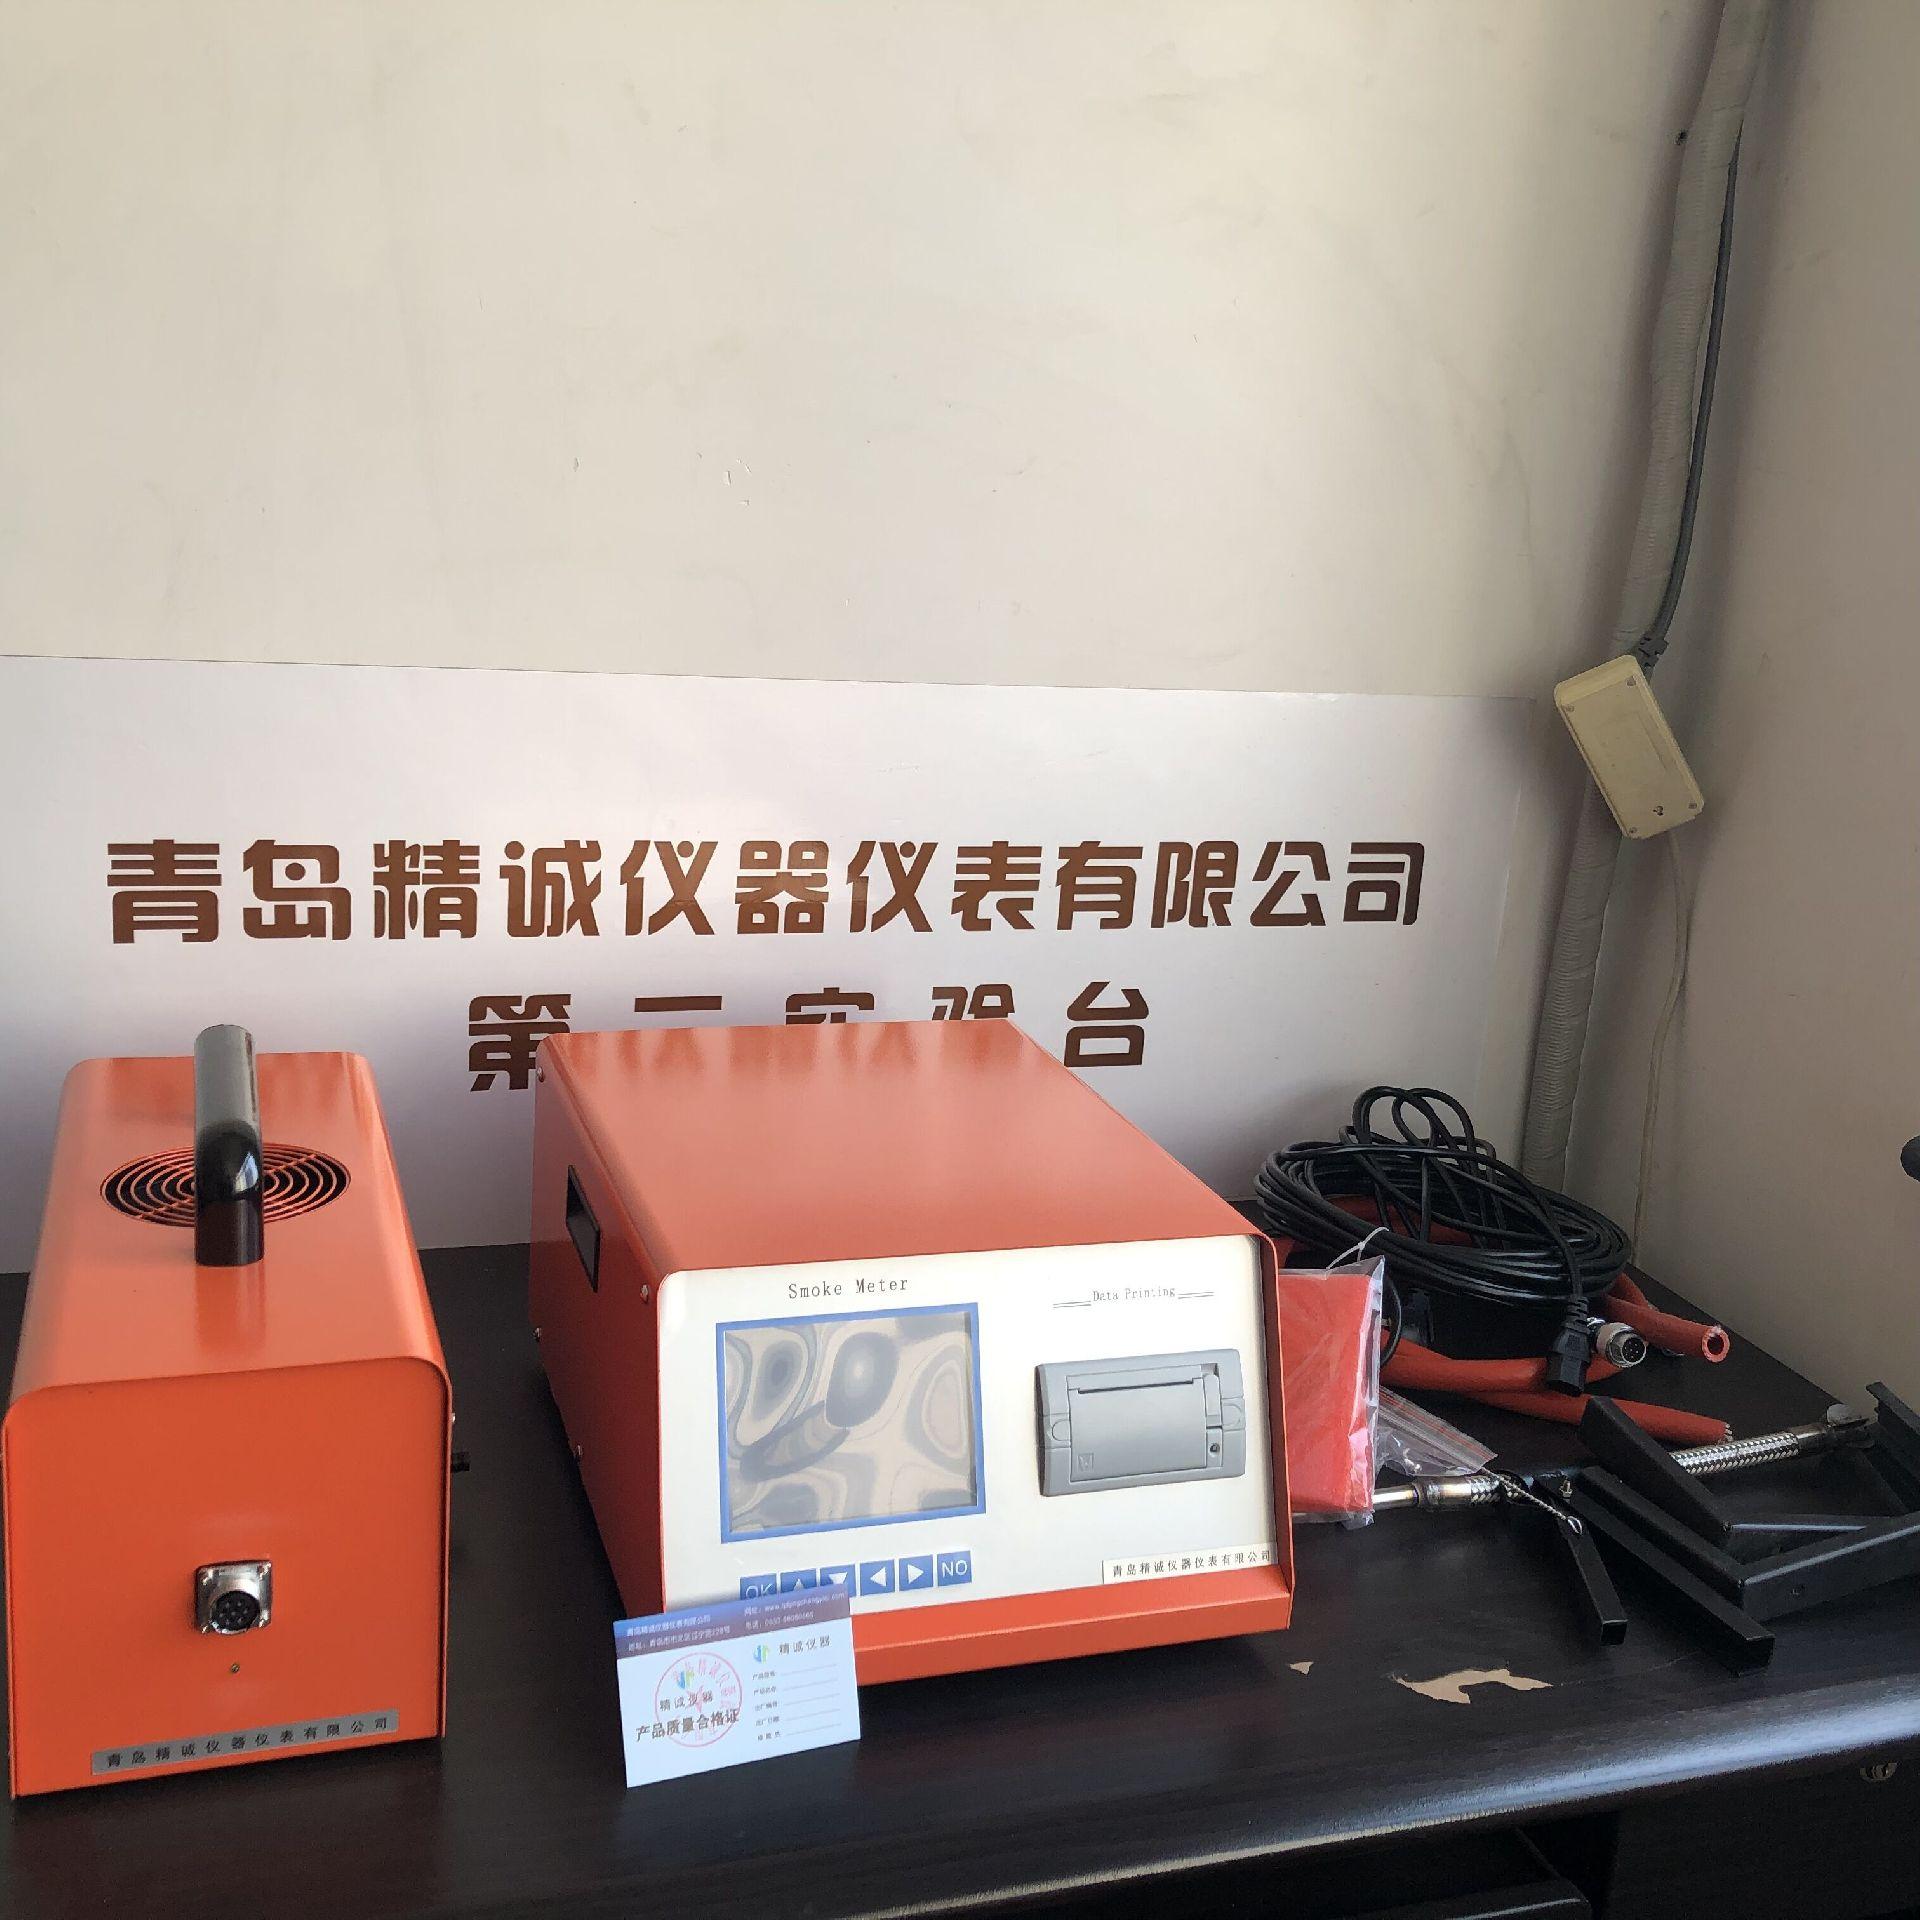 精诚符合柴油车新标准 不透光烟度计 柴油车汽车尾气检测仪JV-5Y